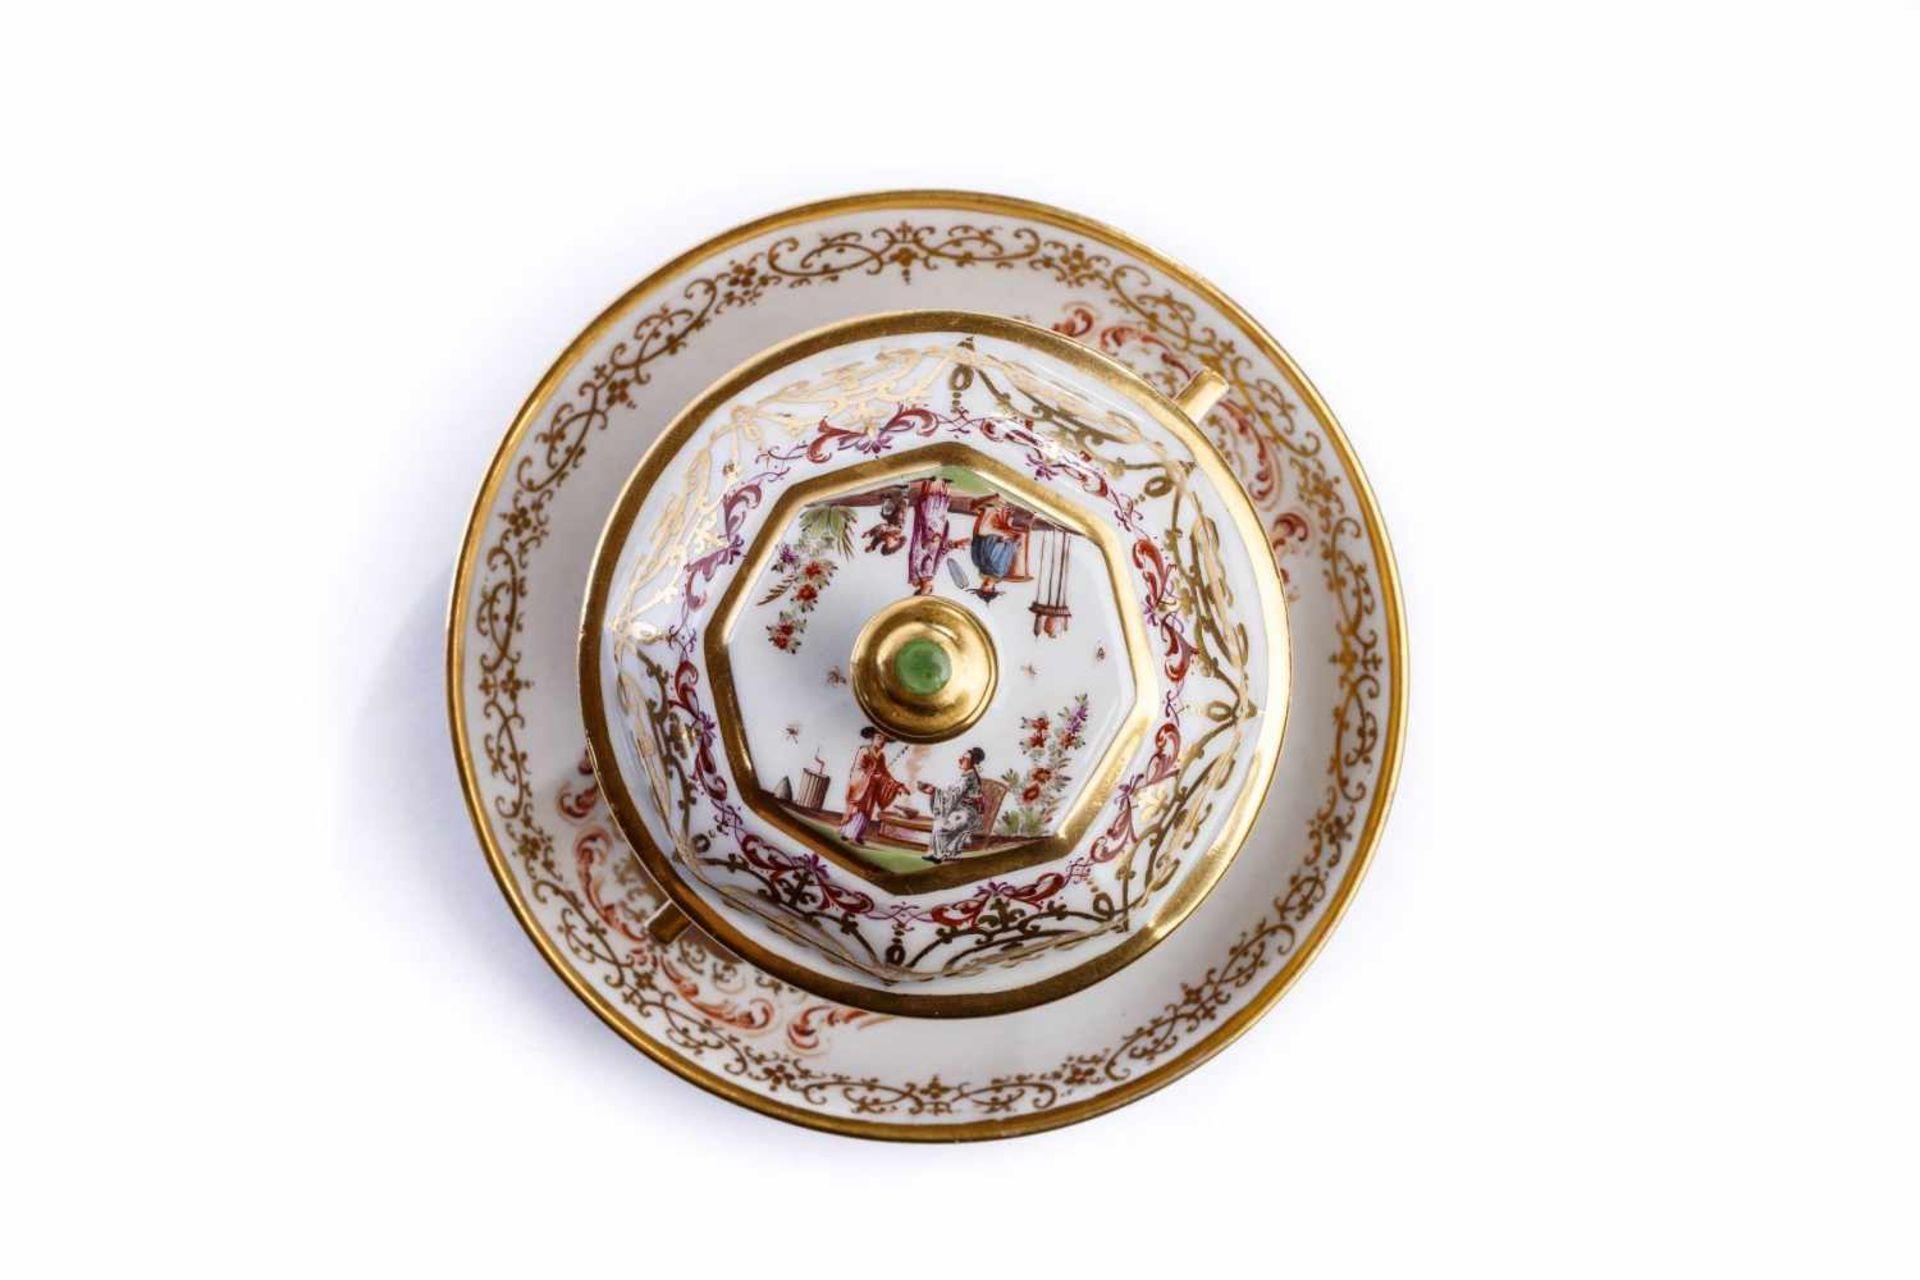 Kleines Deckelgefäß, Meissen 1725/30 - Bild 2 aus 6